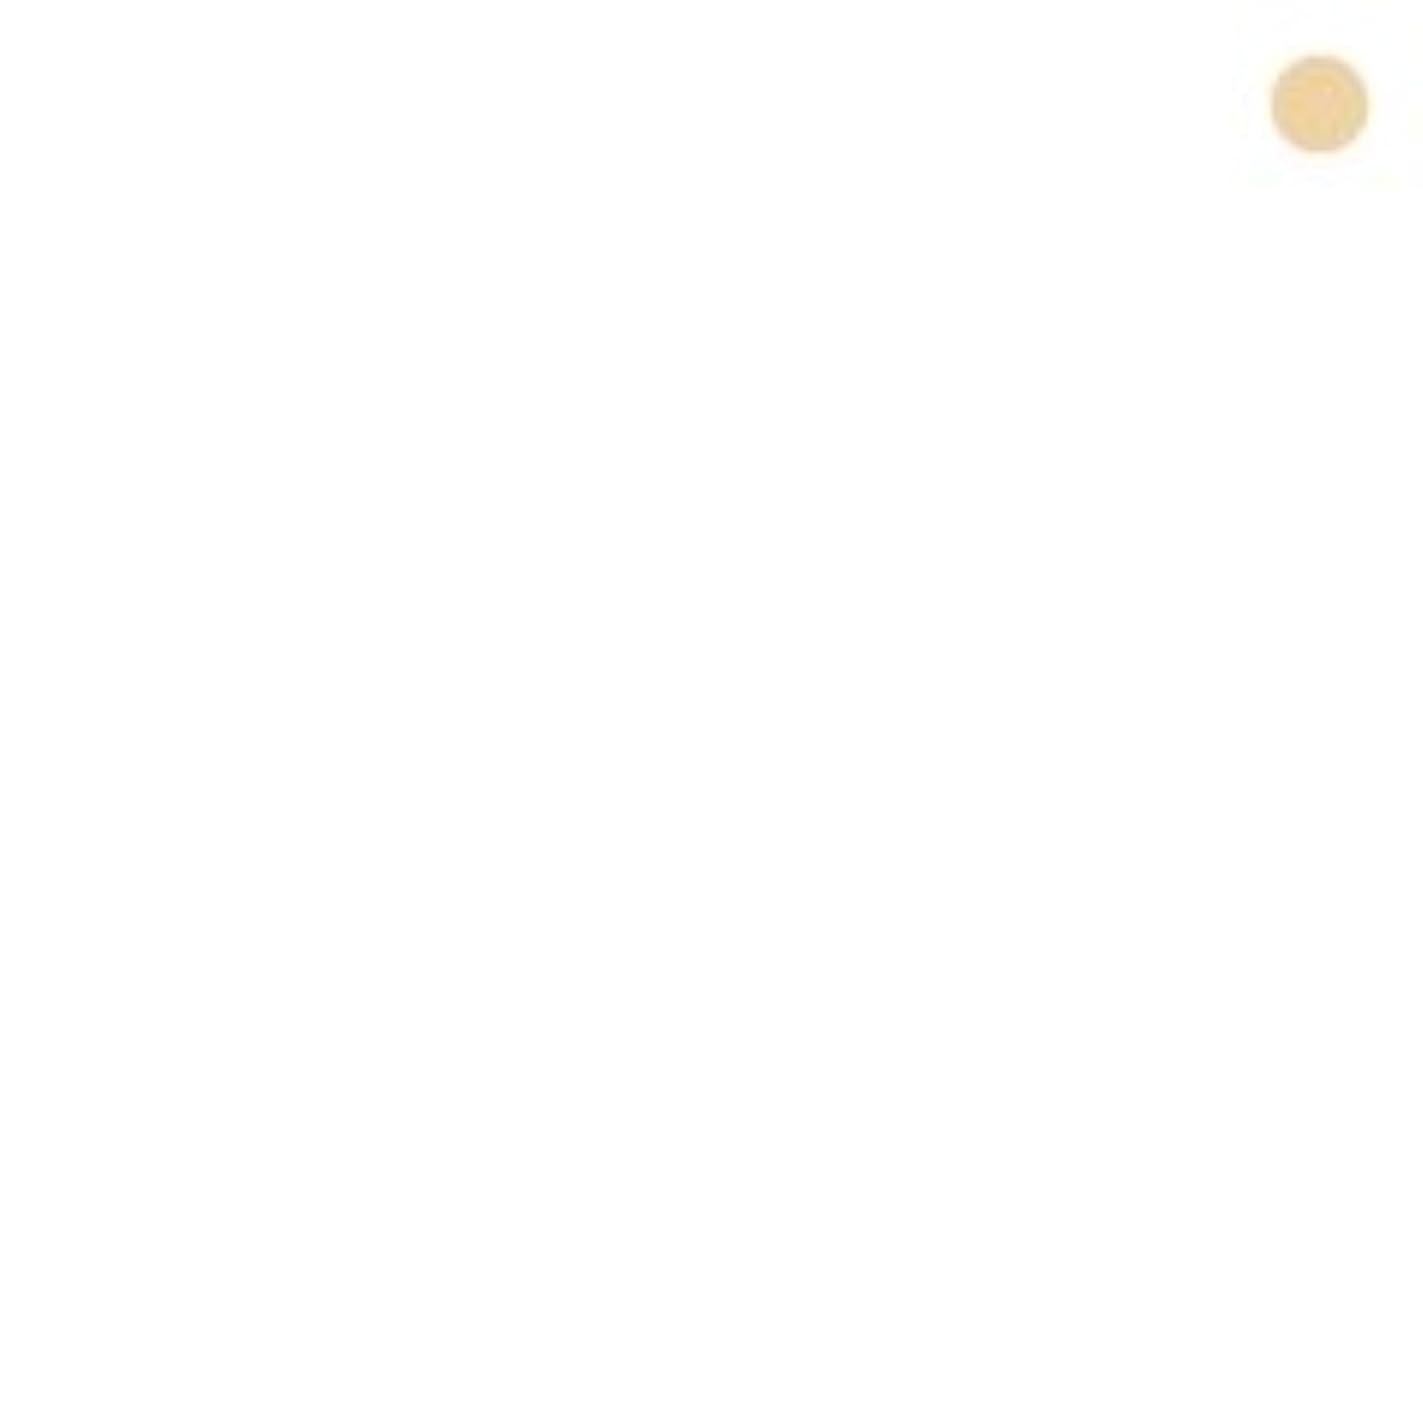 休暇うそつきピンチ【カバーマーク】ジャスミーカラー パウダリーファンデーション #YP10 (レフィル)